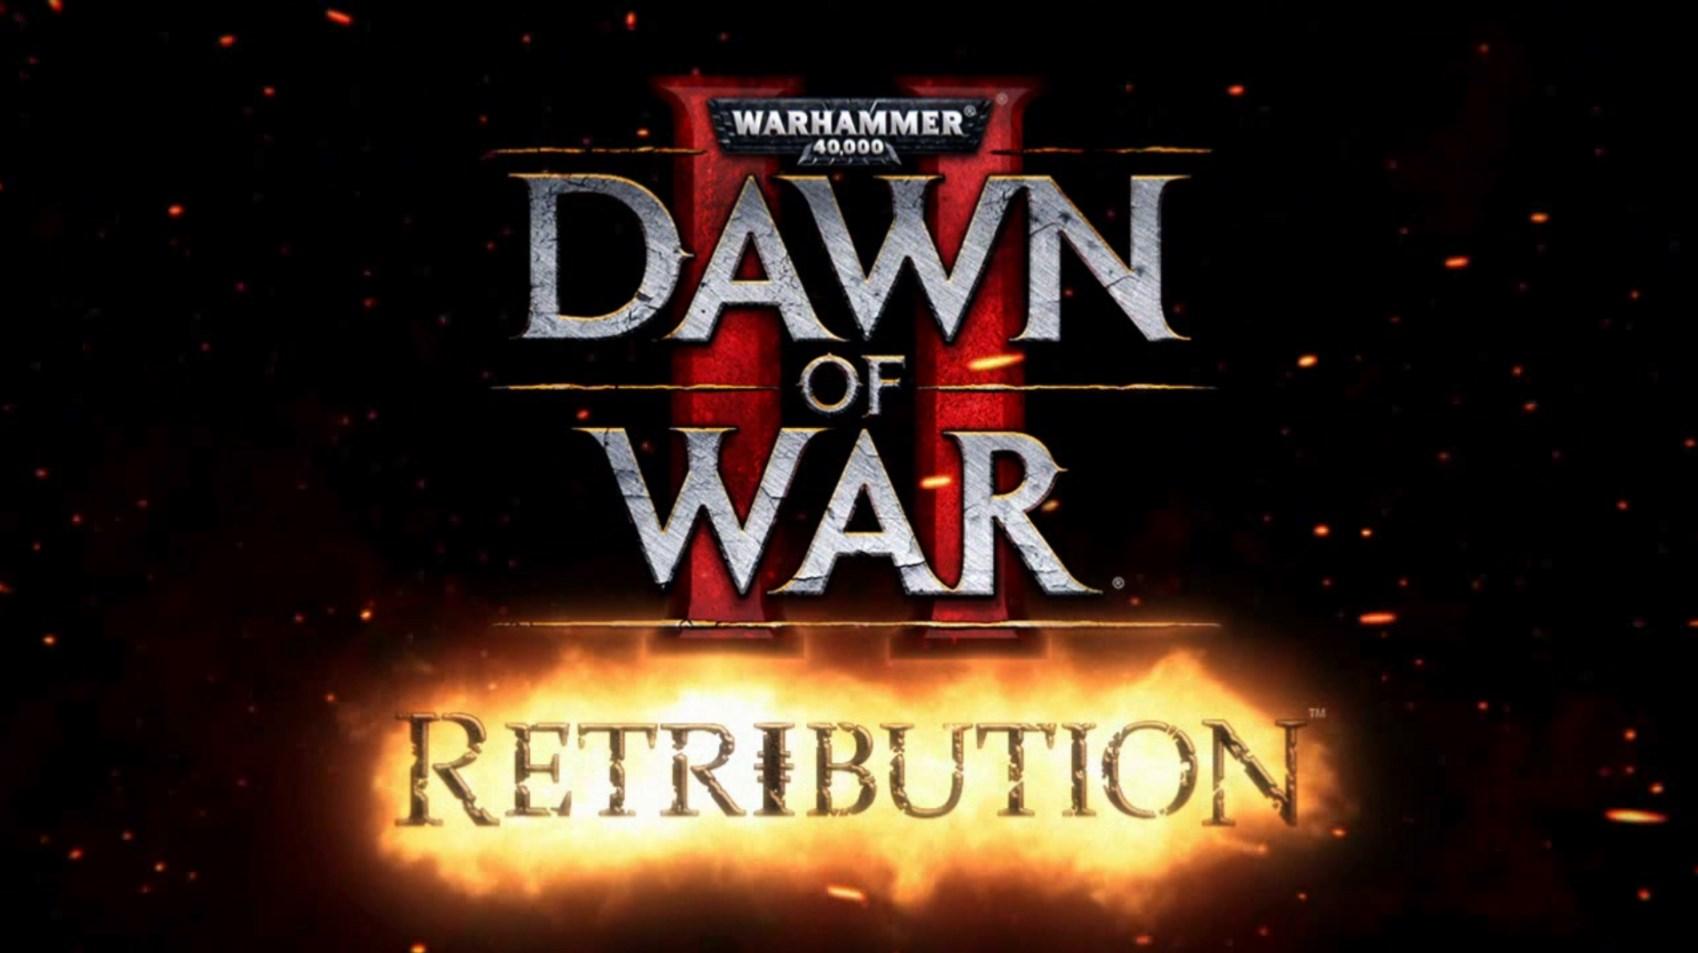 Warhammer_40000_Dawn_of_War_II__Retribution